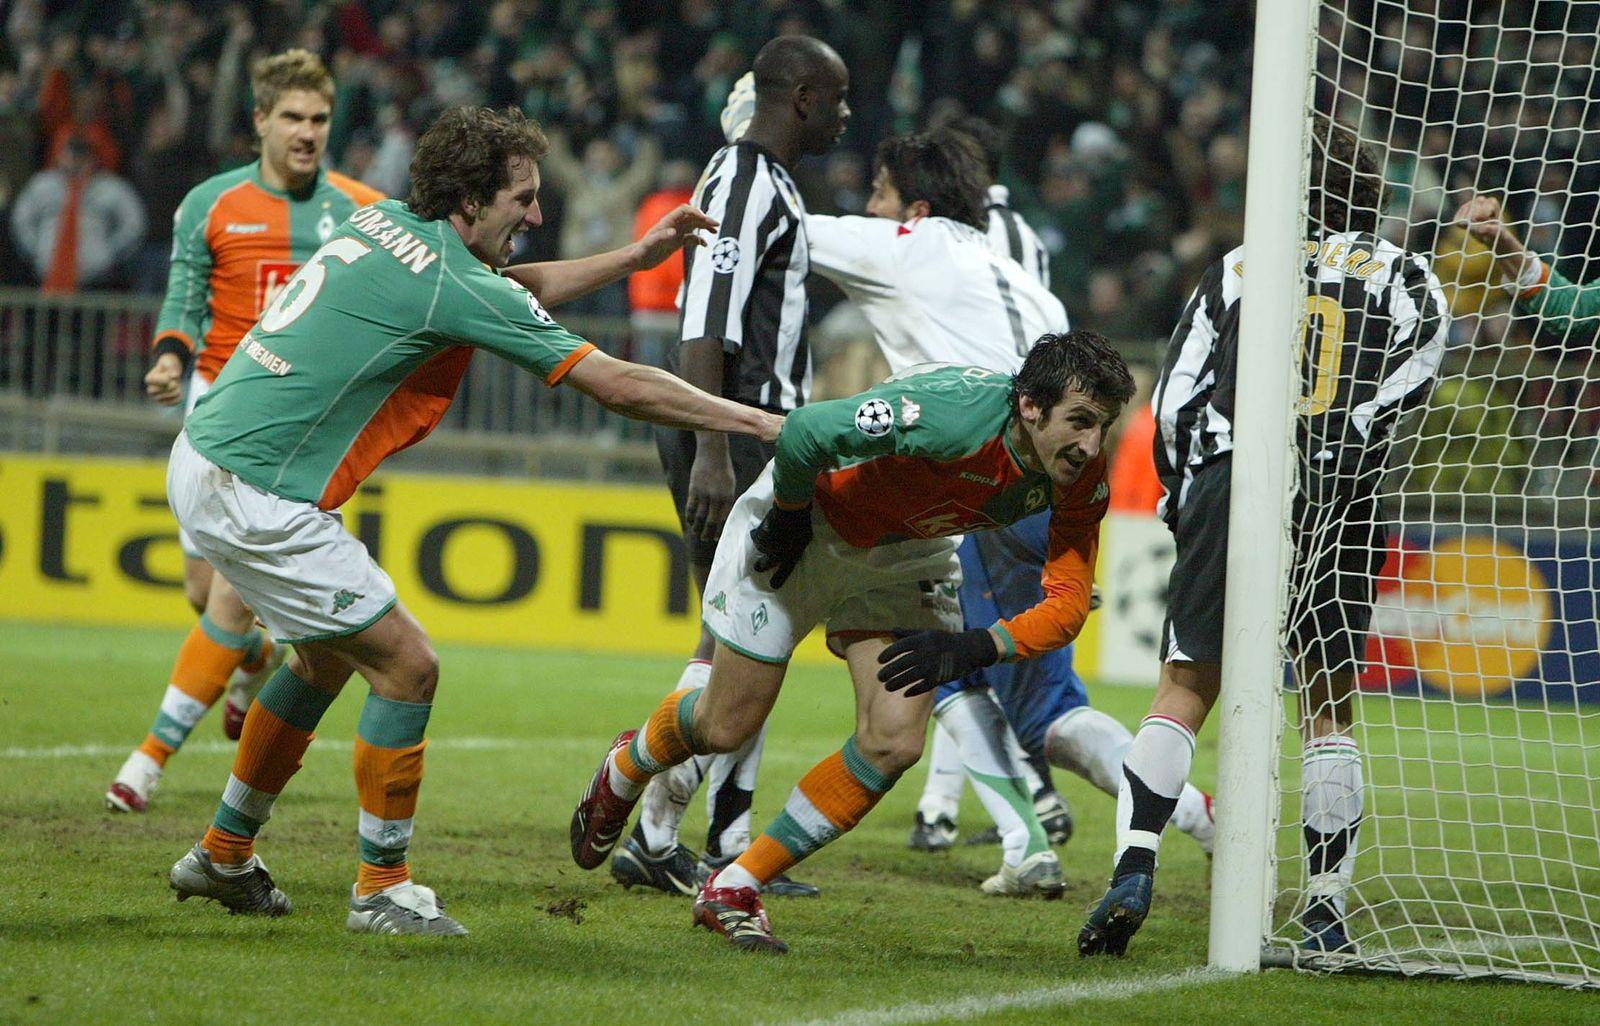 Werder Bremen - Juventus Turin